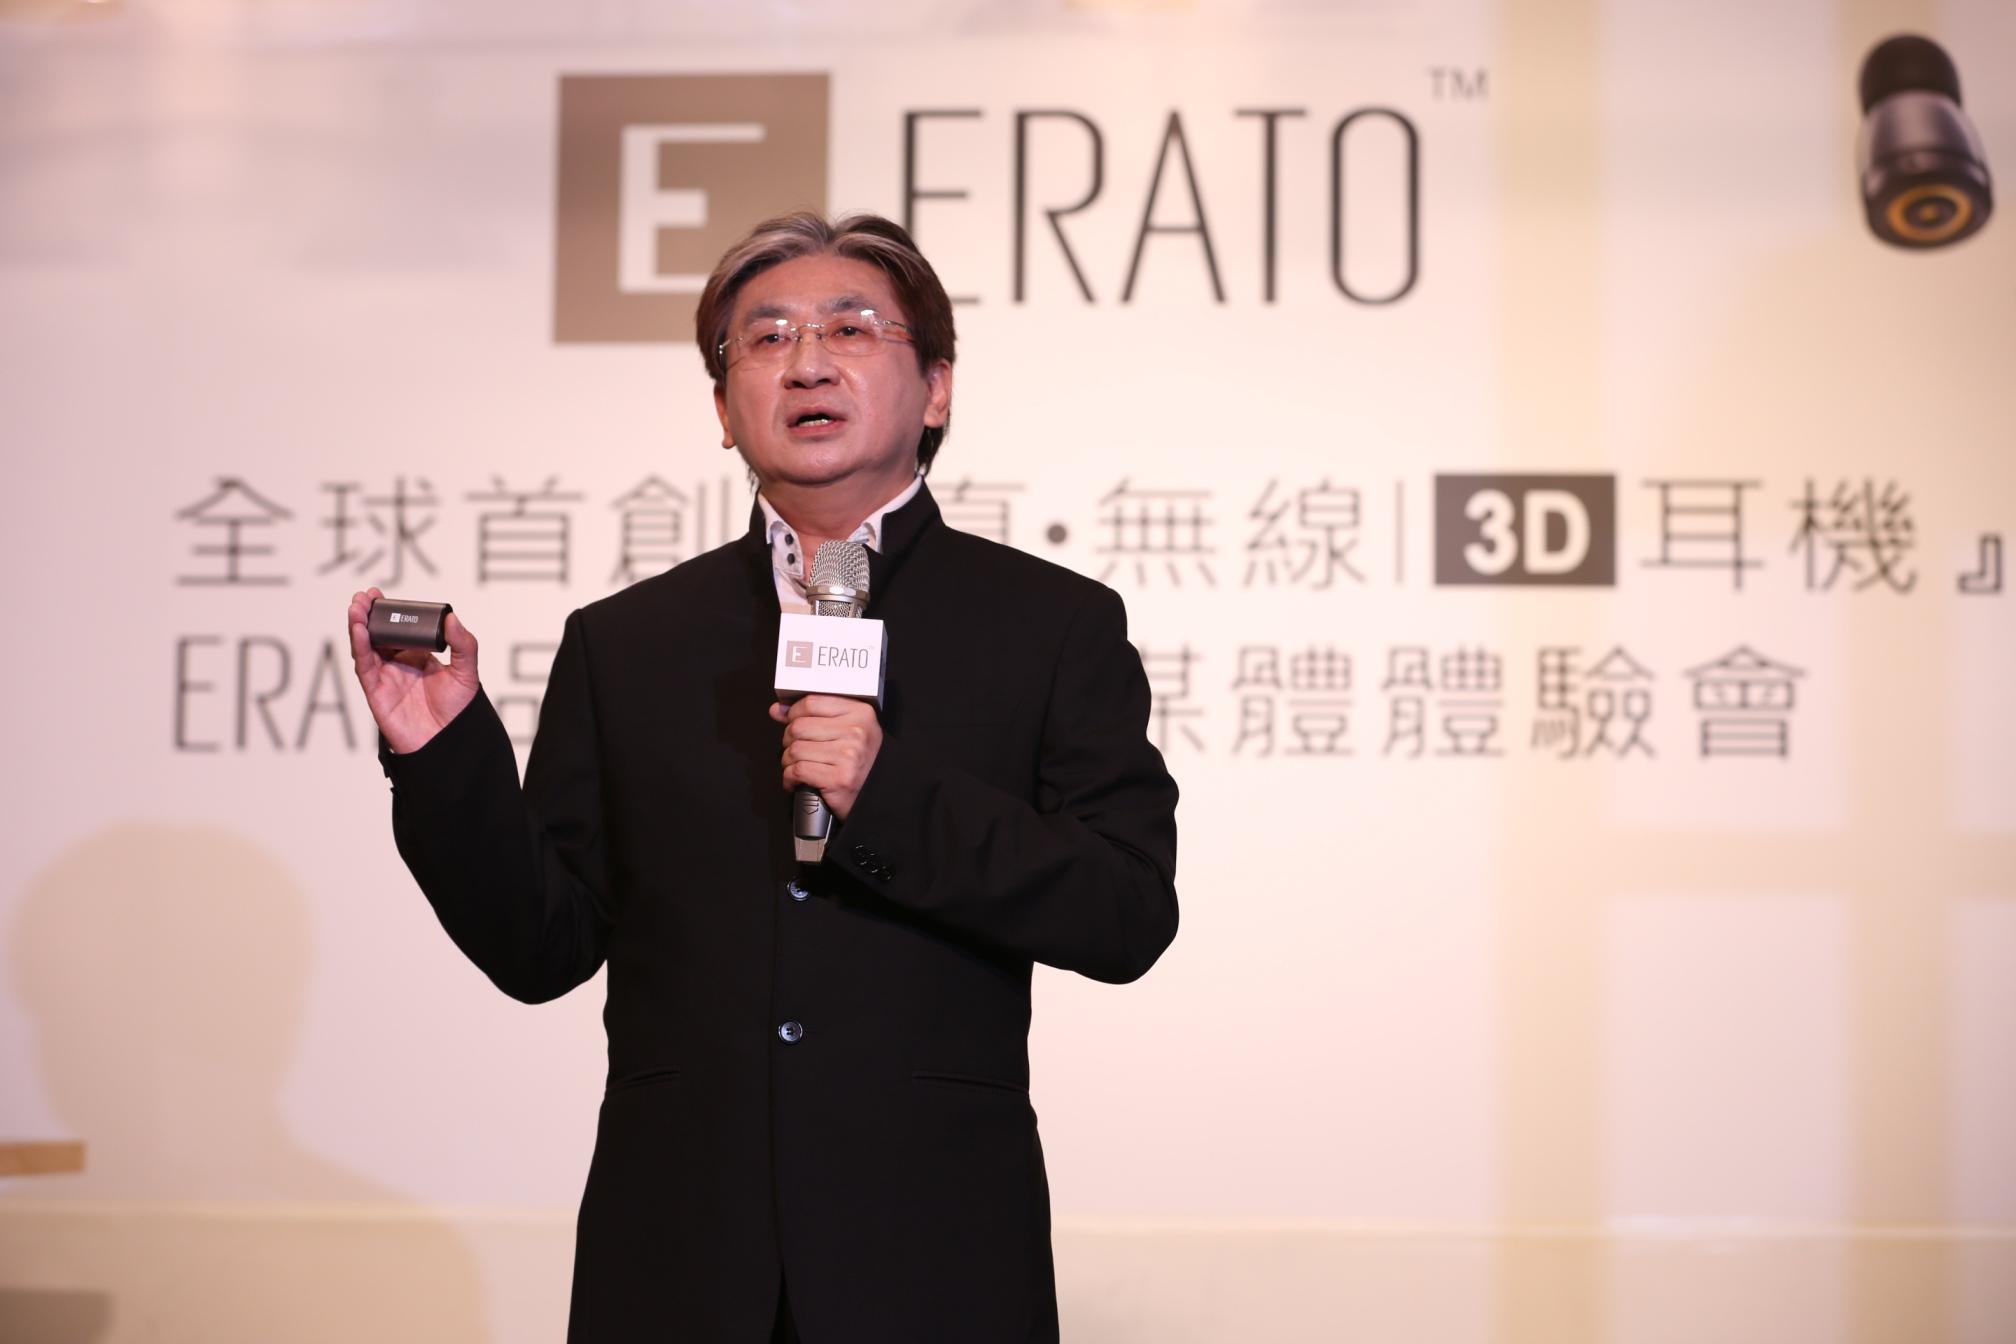 新一代『真・無線耳機』ERATO 5月正式登台 聽覺革新!全球首創3D環繞音效 如同親臨劇院震撼感受